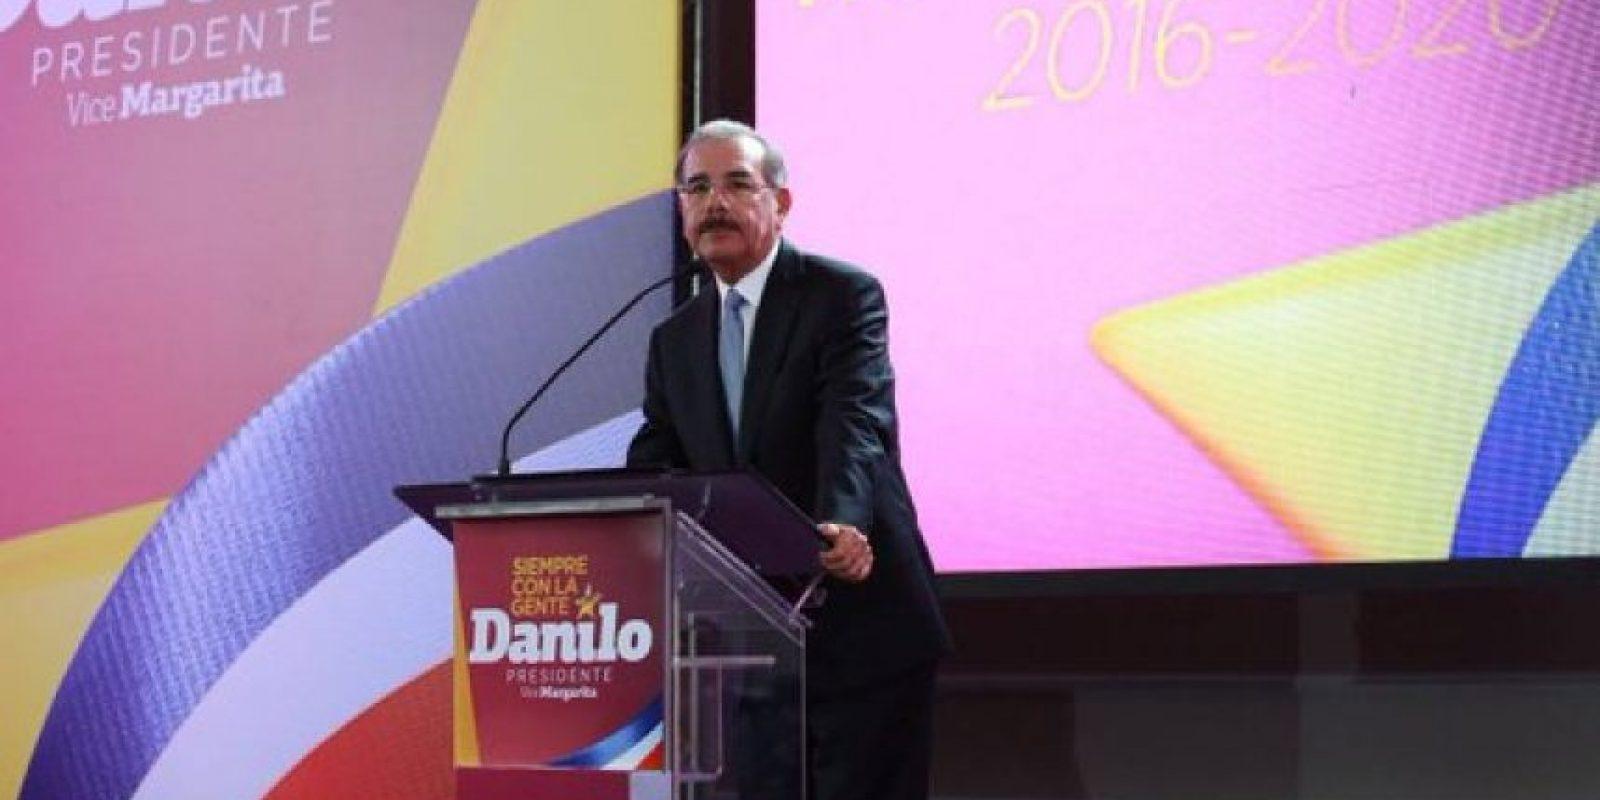 Danilo Medina dictando su discurso Foto: @MargaritaRD2016